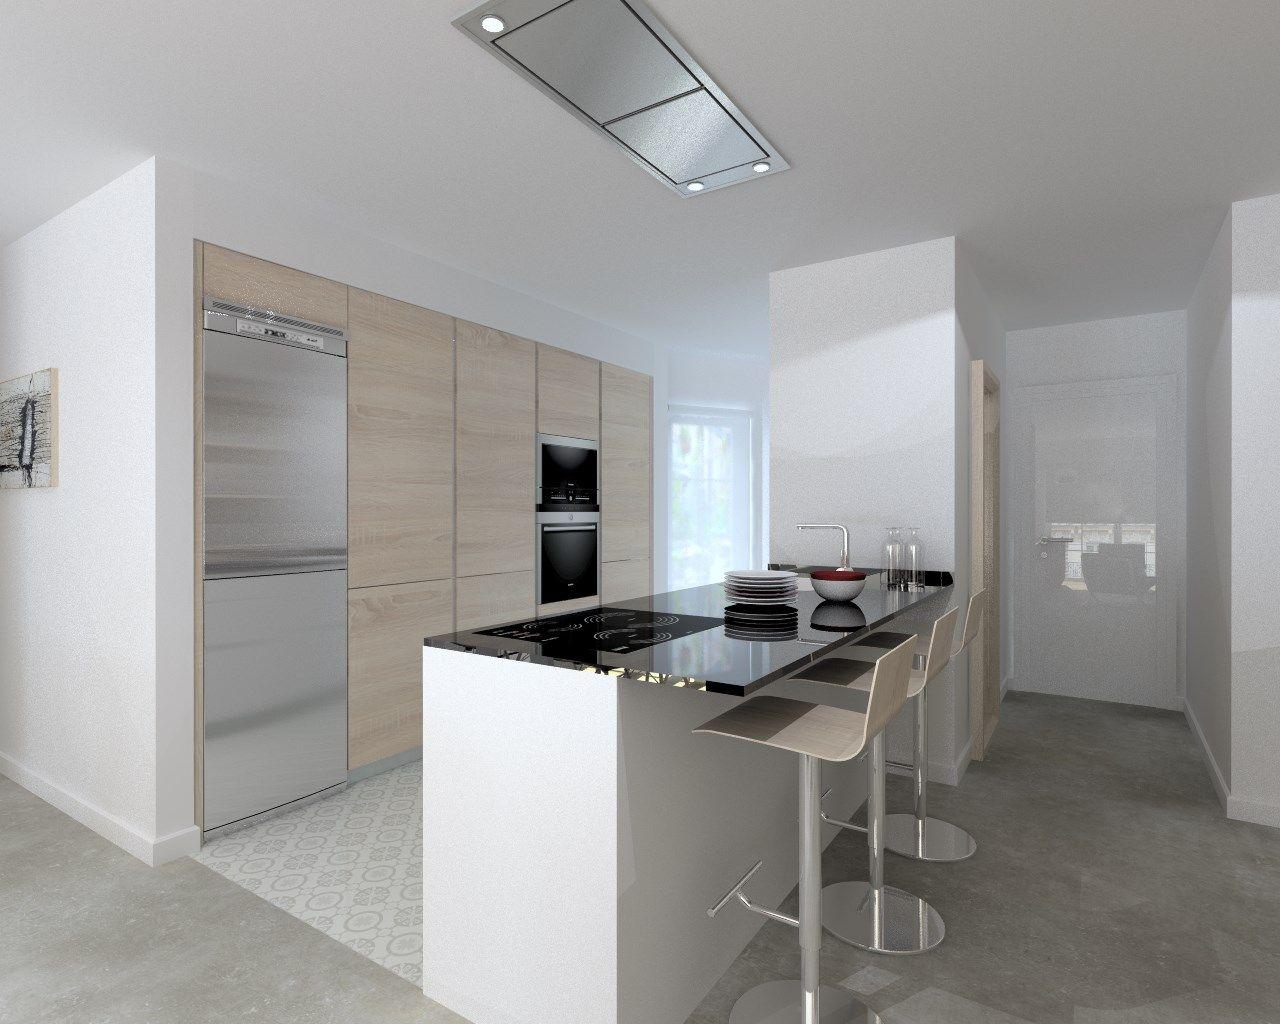 Cocina santos modelo line estratificado blanco roble - Encimera granito blanco ...